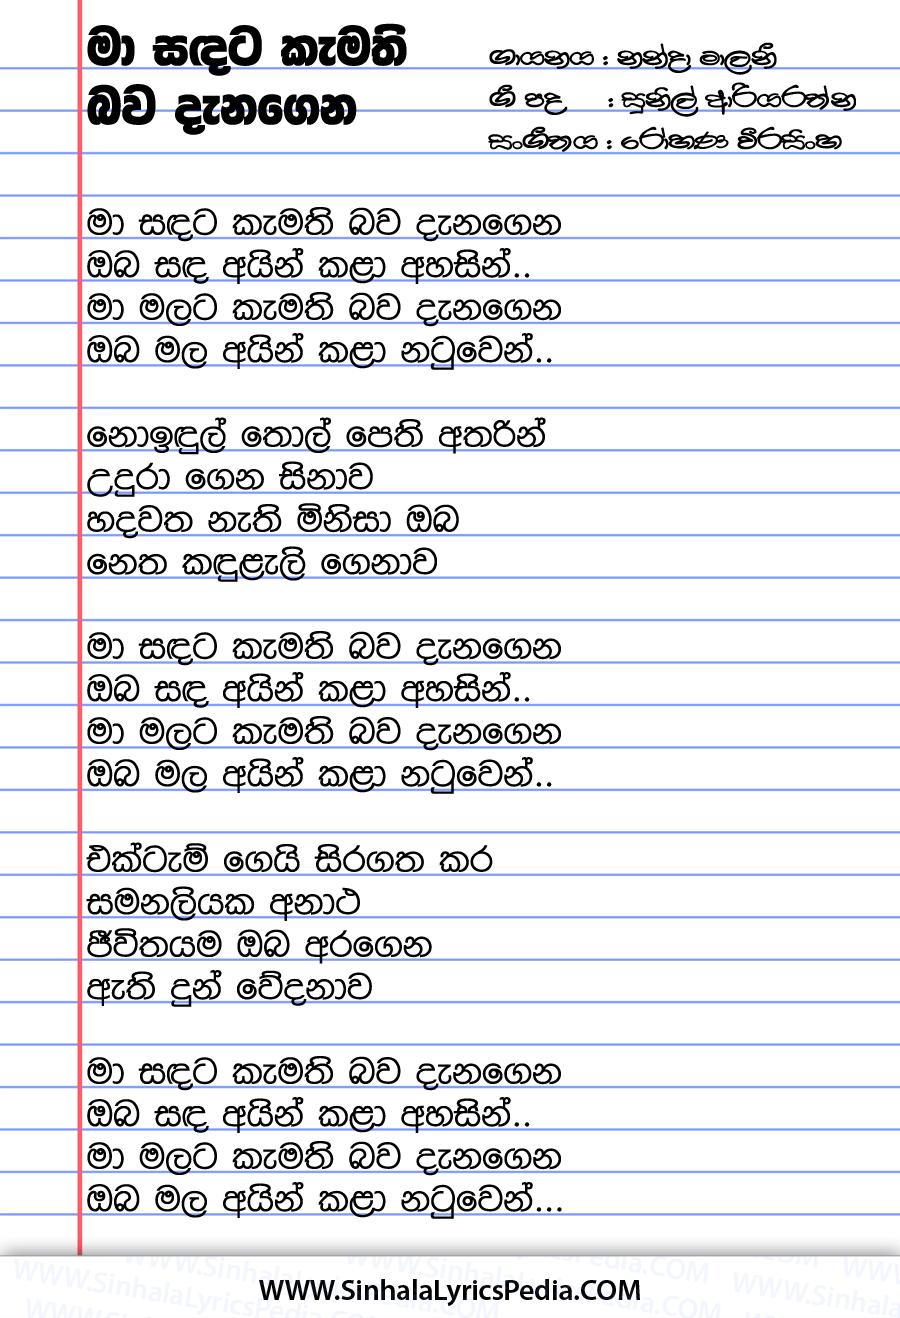 Ma Sandata Kamathi Bawa Danagena Song Lyrics